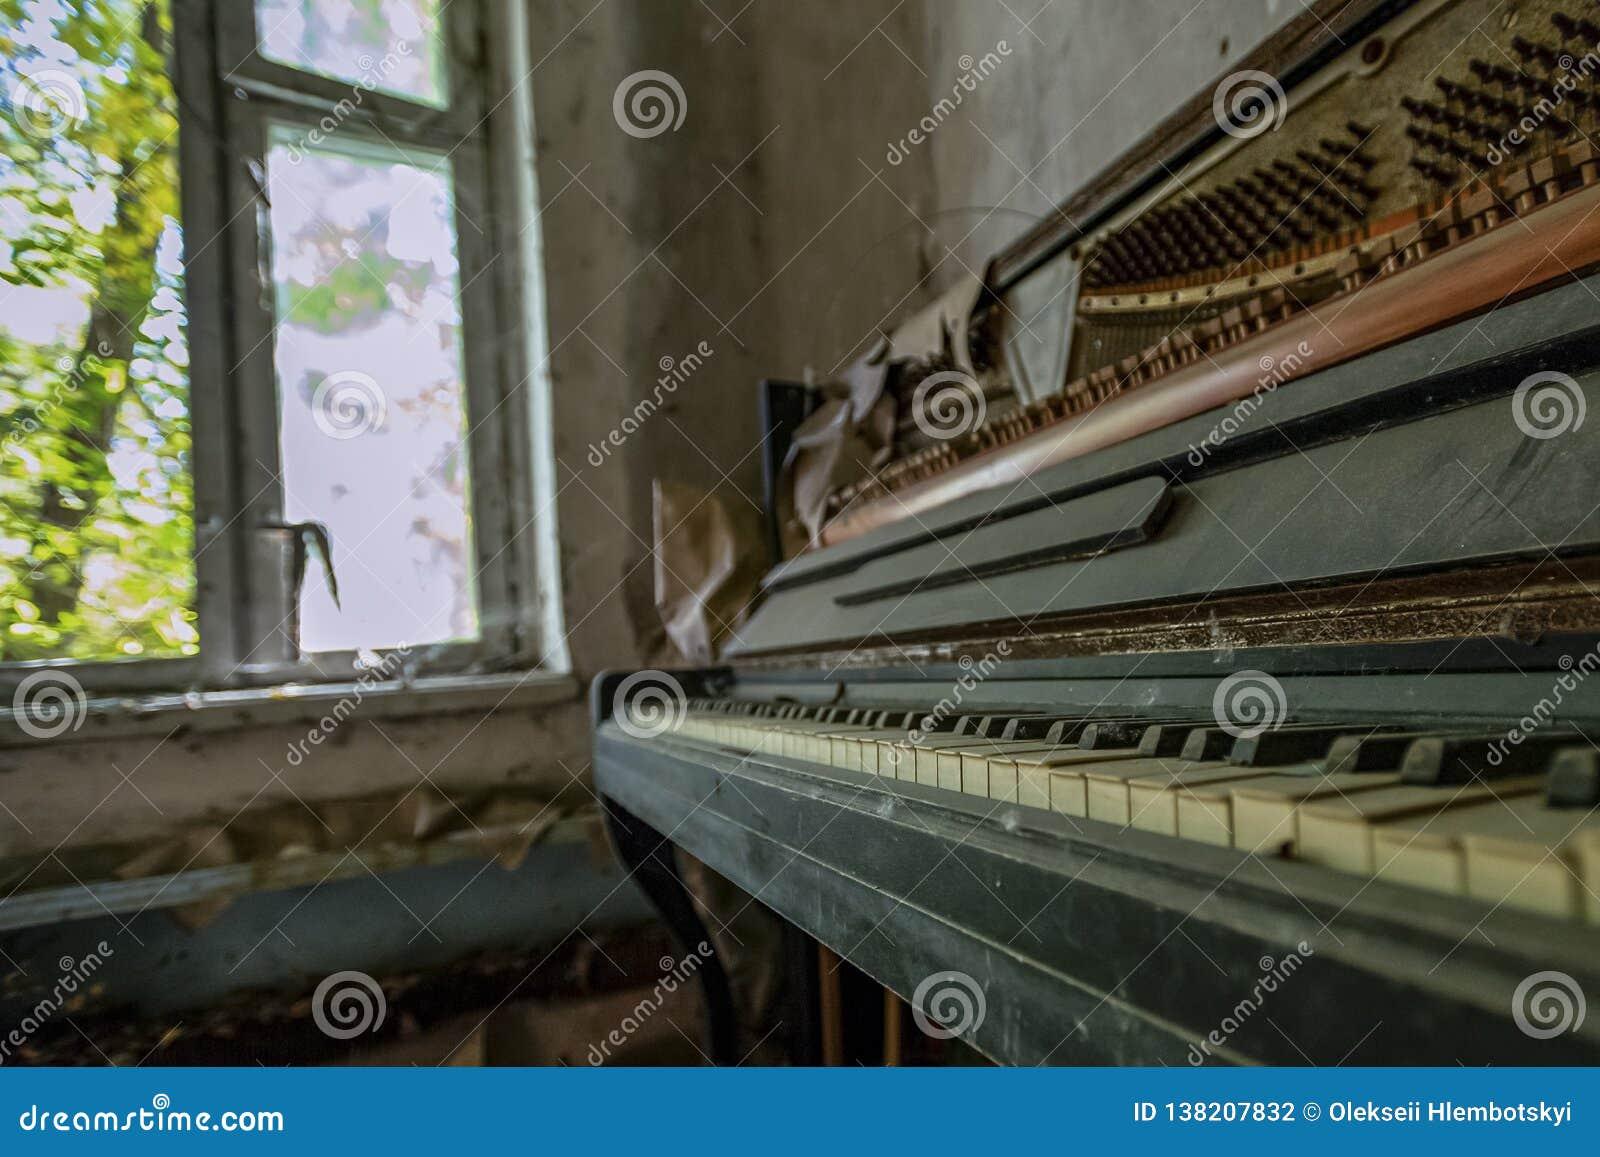 Geworfen einem Klavier in einer verlassenen Wohnung